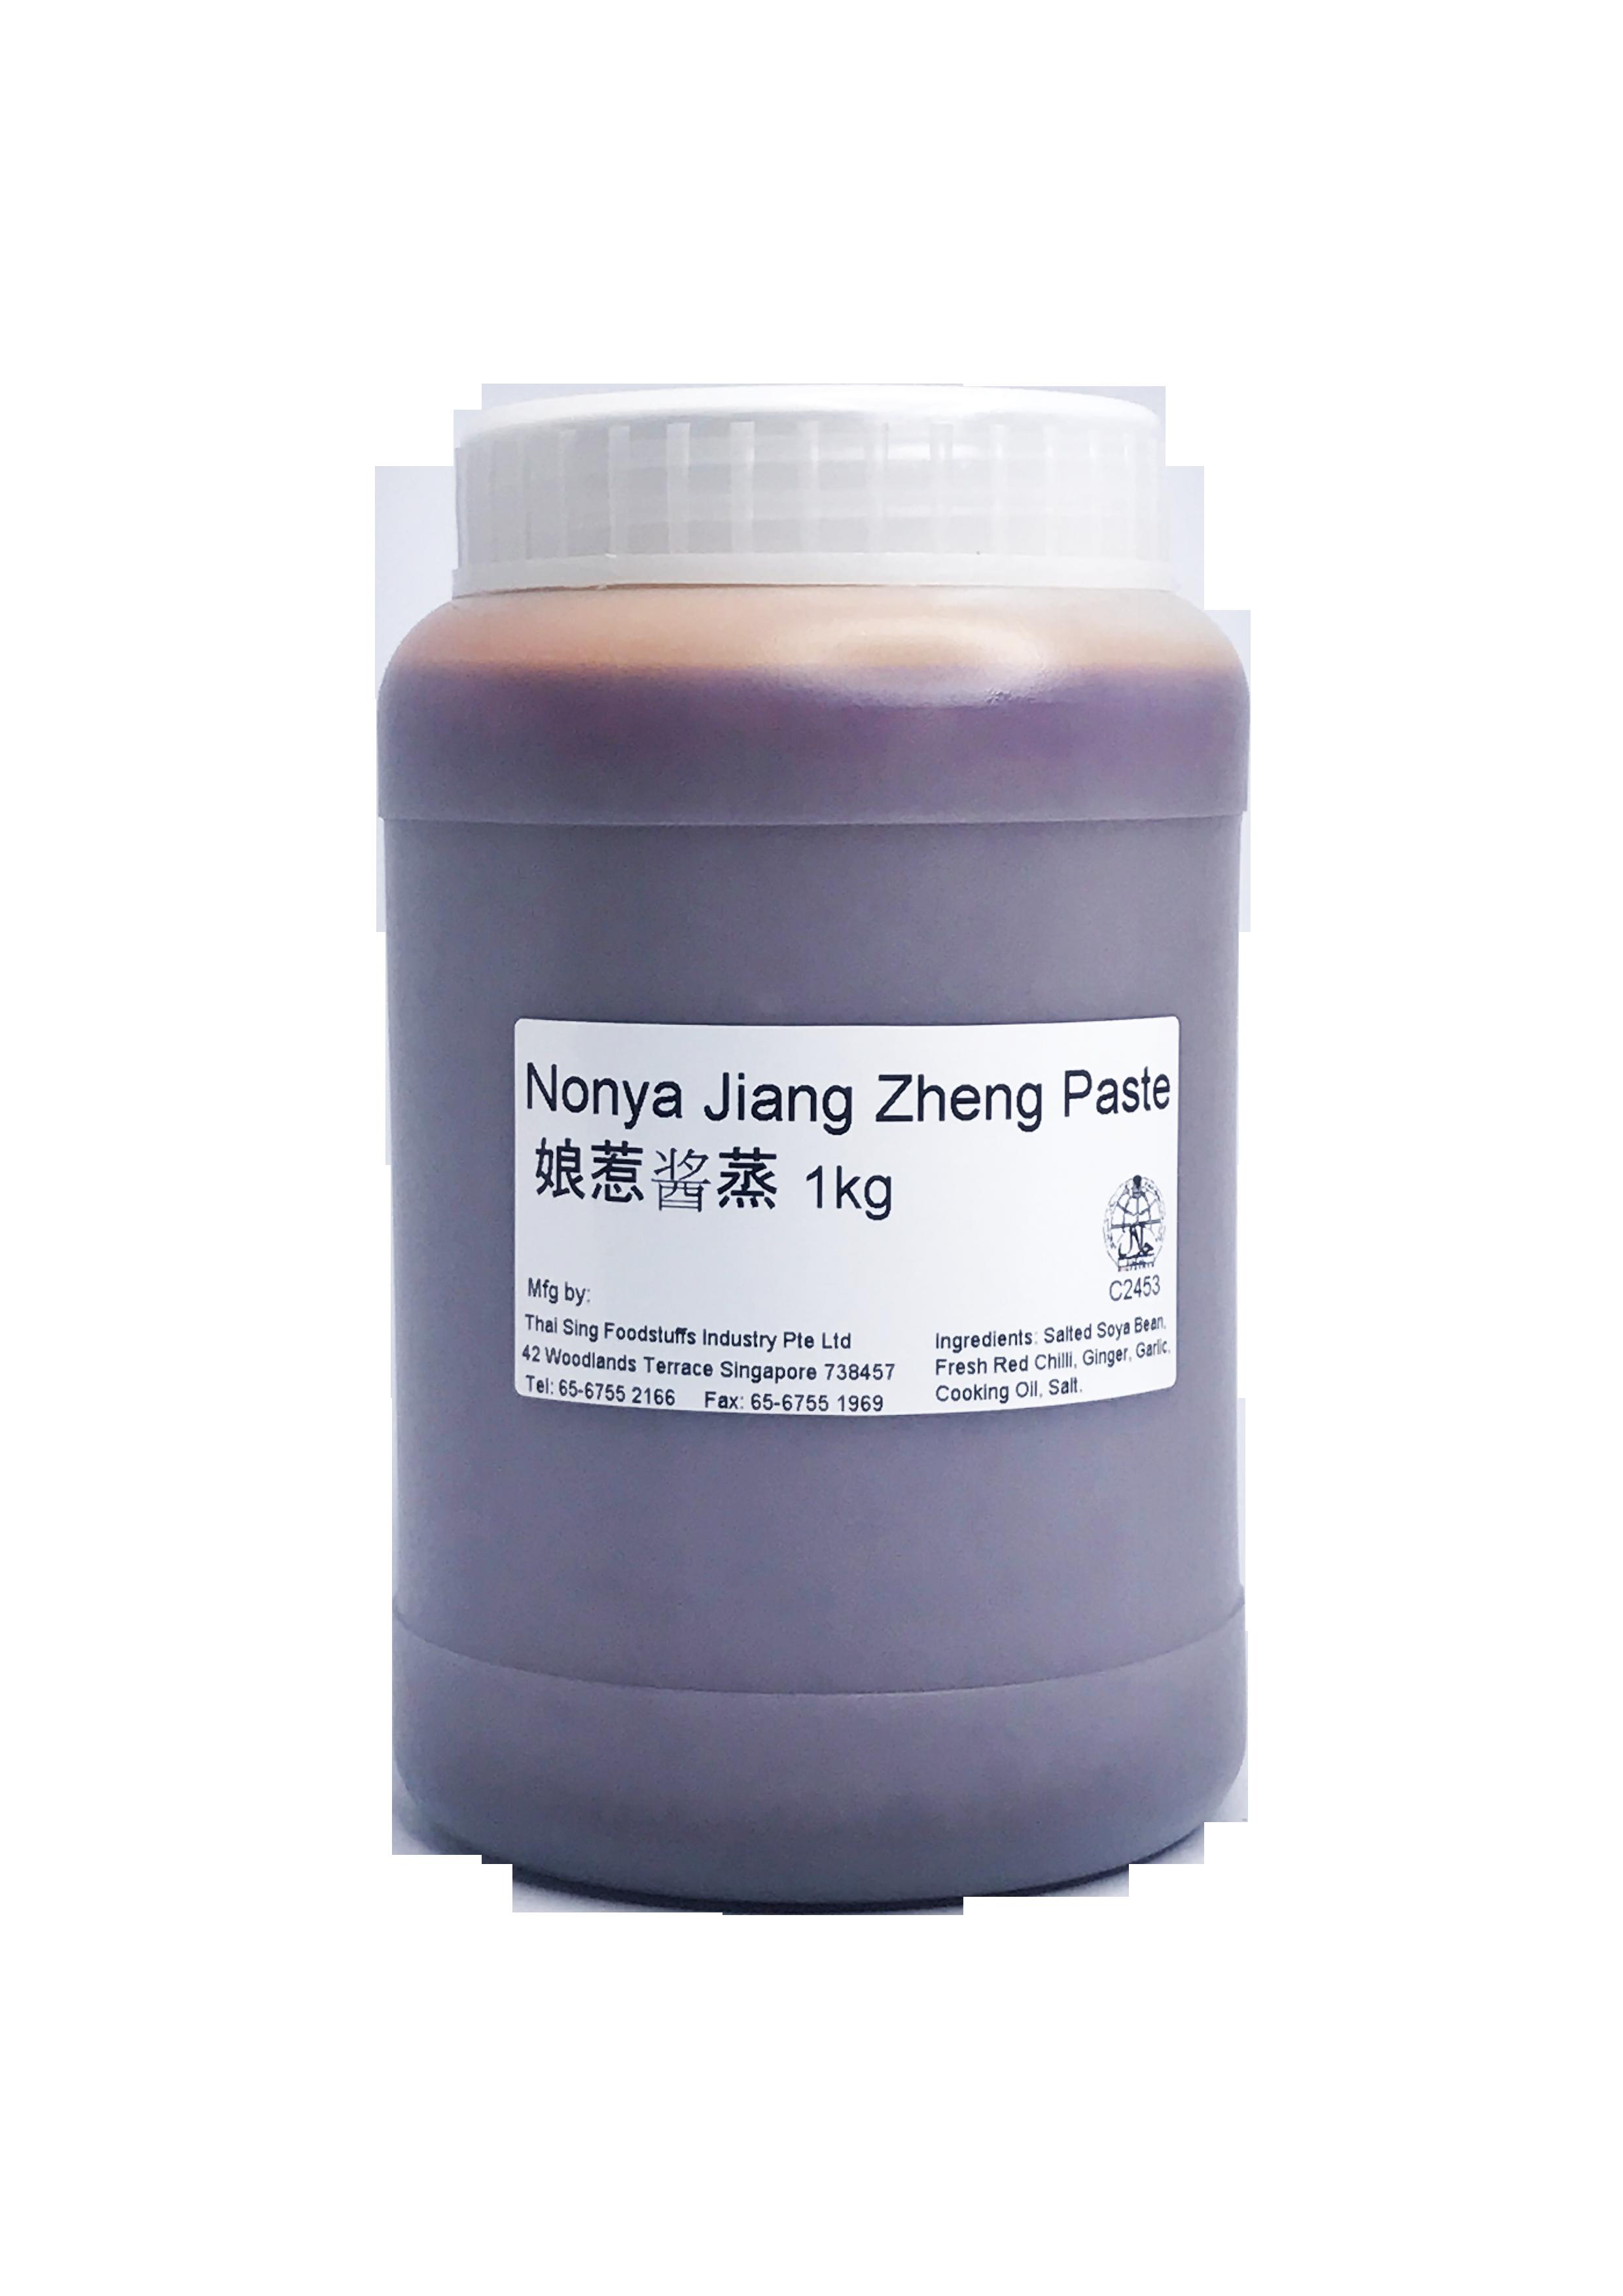 Nonya Jiang Zheng Paste